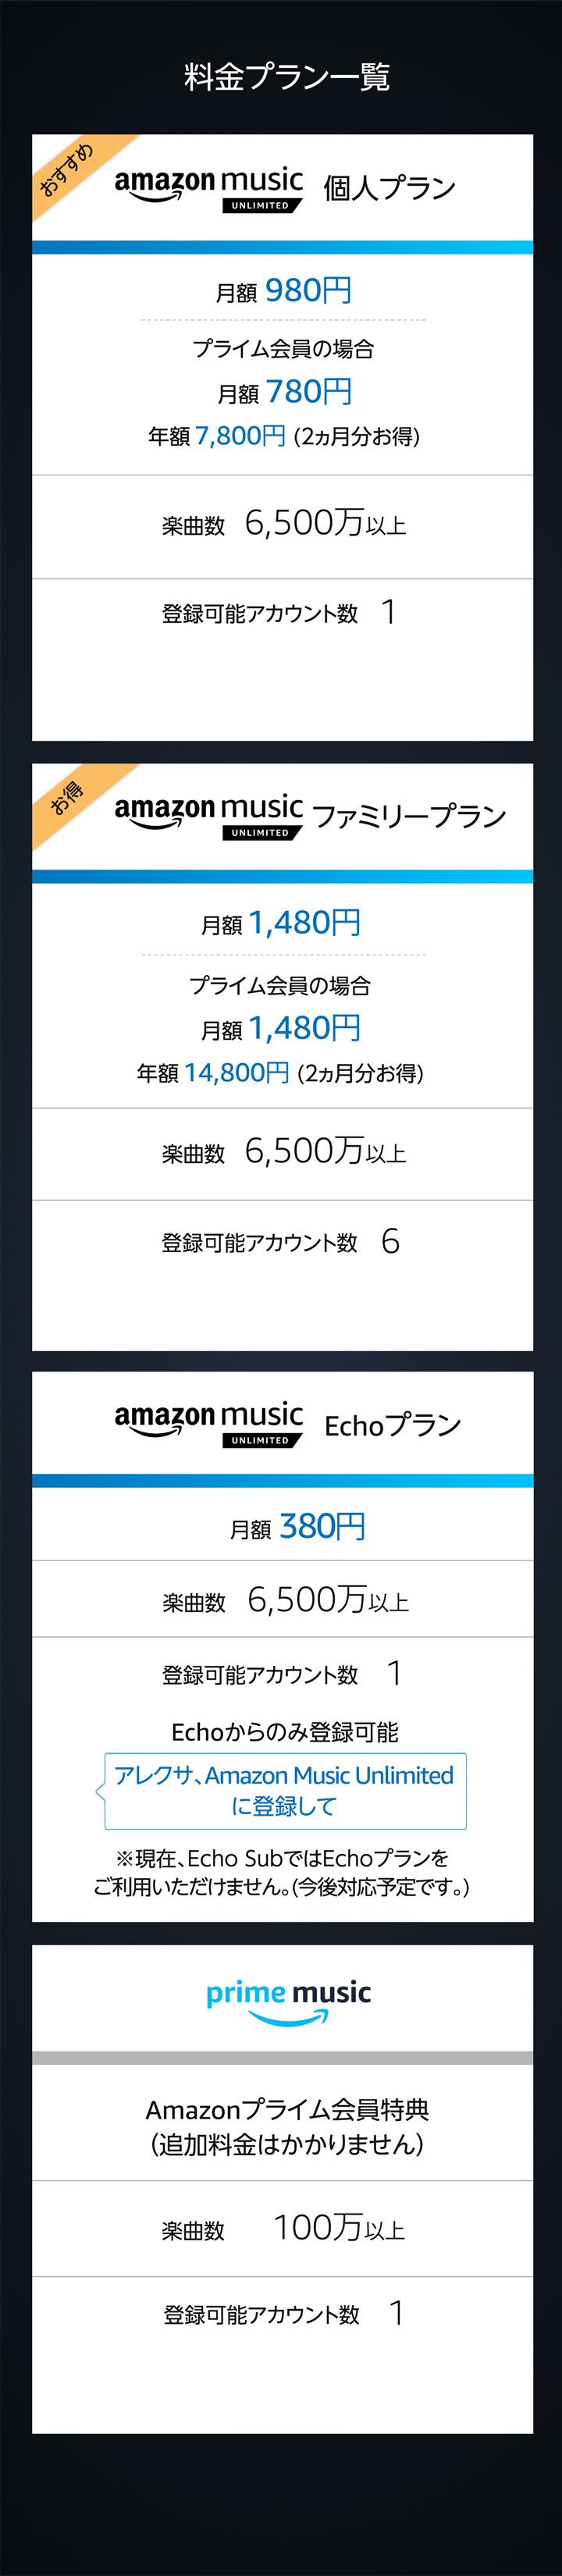 料金プラン一覧。Amazon Music Unlimited個人プランは楽曲数6,500万以上、登録可能アカウント数1つで月額980円。プライム会員の場合月額780円(年額7,800円 - 2ヶ月分お得)。ファミリープランは楽曲数6,500万以上、登録可能アカウント数6つで月額1,480円。プライム会員の場合月額1,480円(年額14,800円 - 2ヶ月分お得)。Echoプランは楽曲数6,500万以上、登録可能アカウント数1つで月額料金380円。Echoからのみ登録可能。「アレクサ、Amazon Music Unlimitedに登録して」と話しかけるだけ。Prime Musicは楽曲数100万以上、登録可能アカウント数1つ。Amazonプライム会員特典(追加料金はかかりません)。